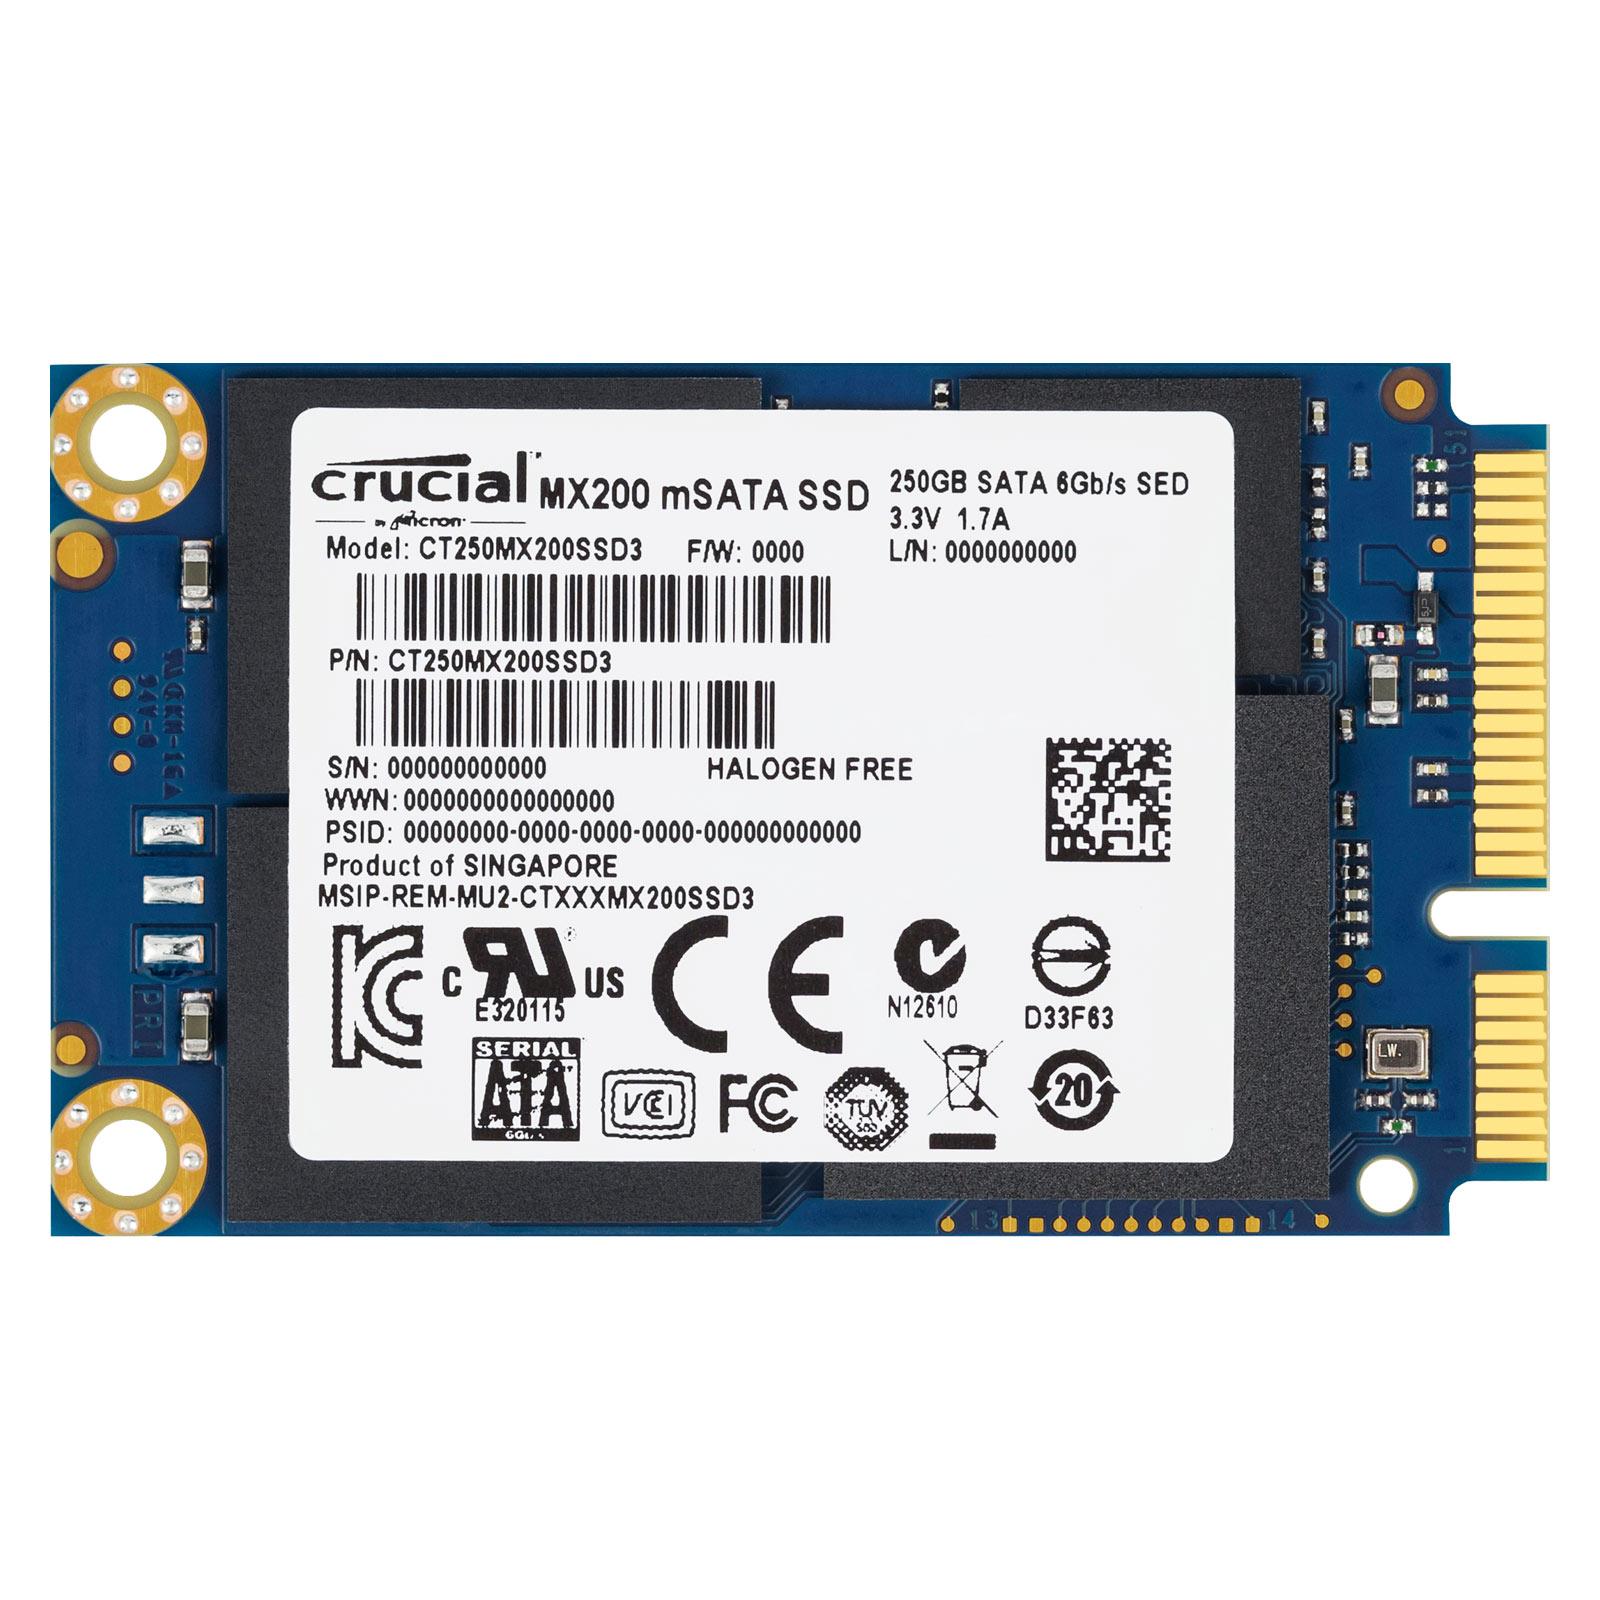 Disque SSD Crucial MX200 250 Go mSATA SSD 250 Go mSATA 6Gb/s